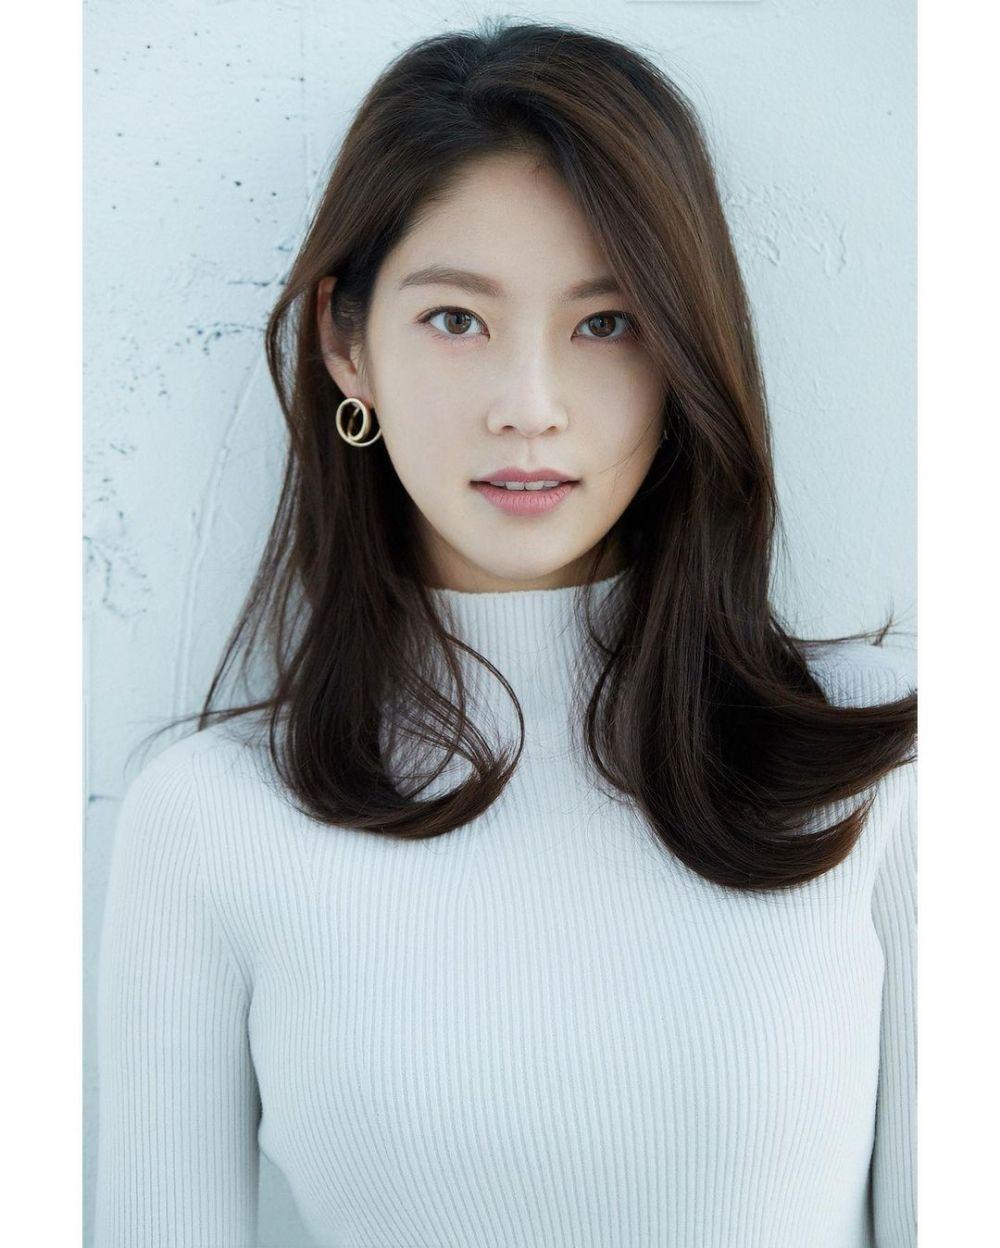 10 Fakta Gong Seung Yeon yang Debut Layar Lebar di Film 'Aloners'